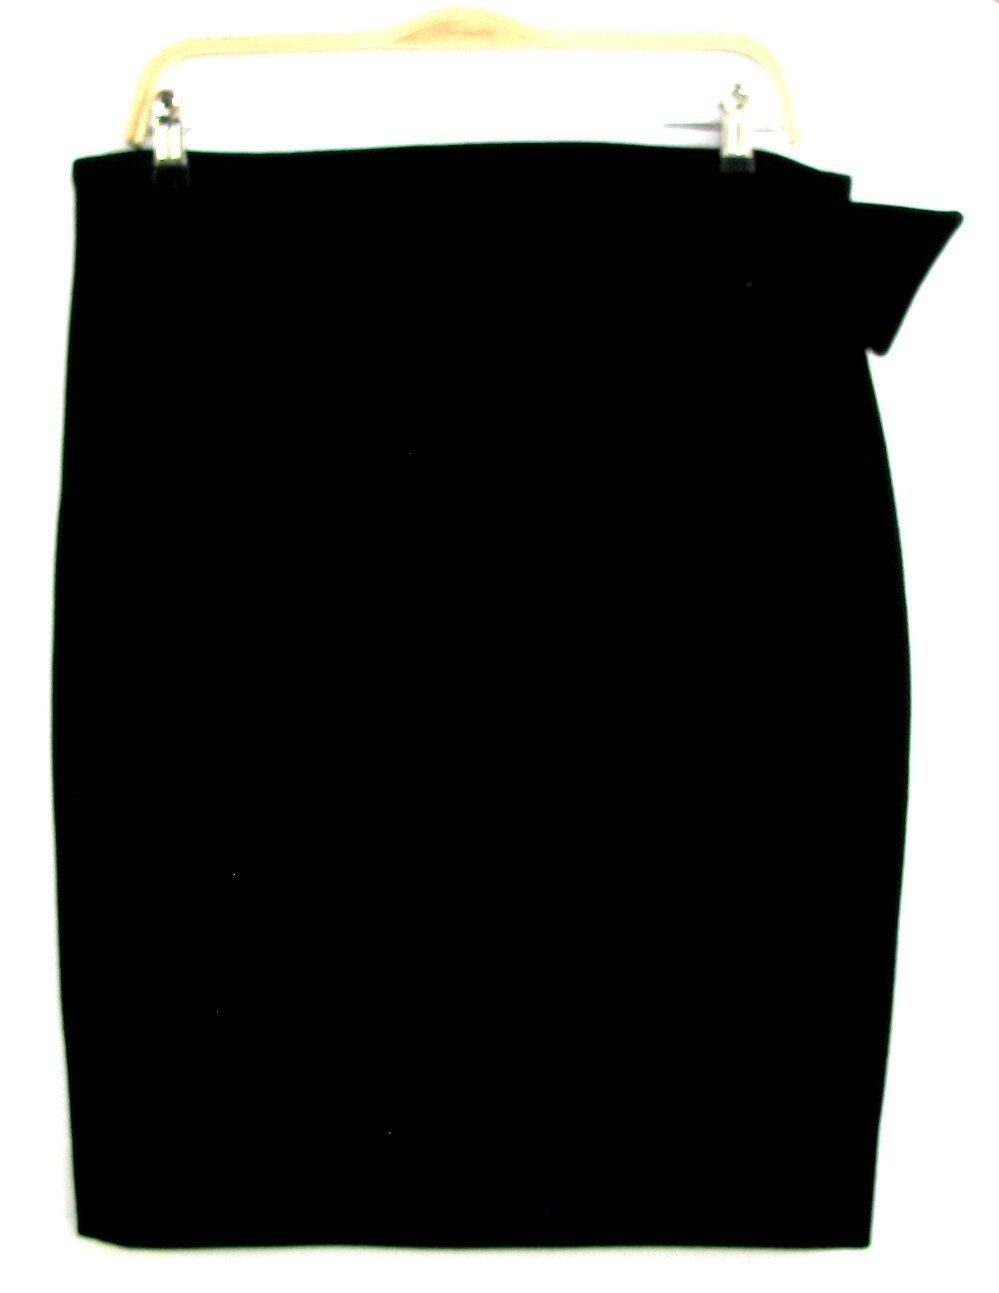 PETROVITCH & ROBINSON - JUPE FÉMININE LAINE black size 44 - EXCELLENT ETAT